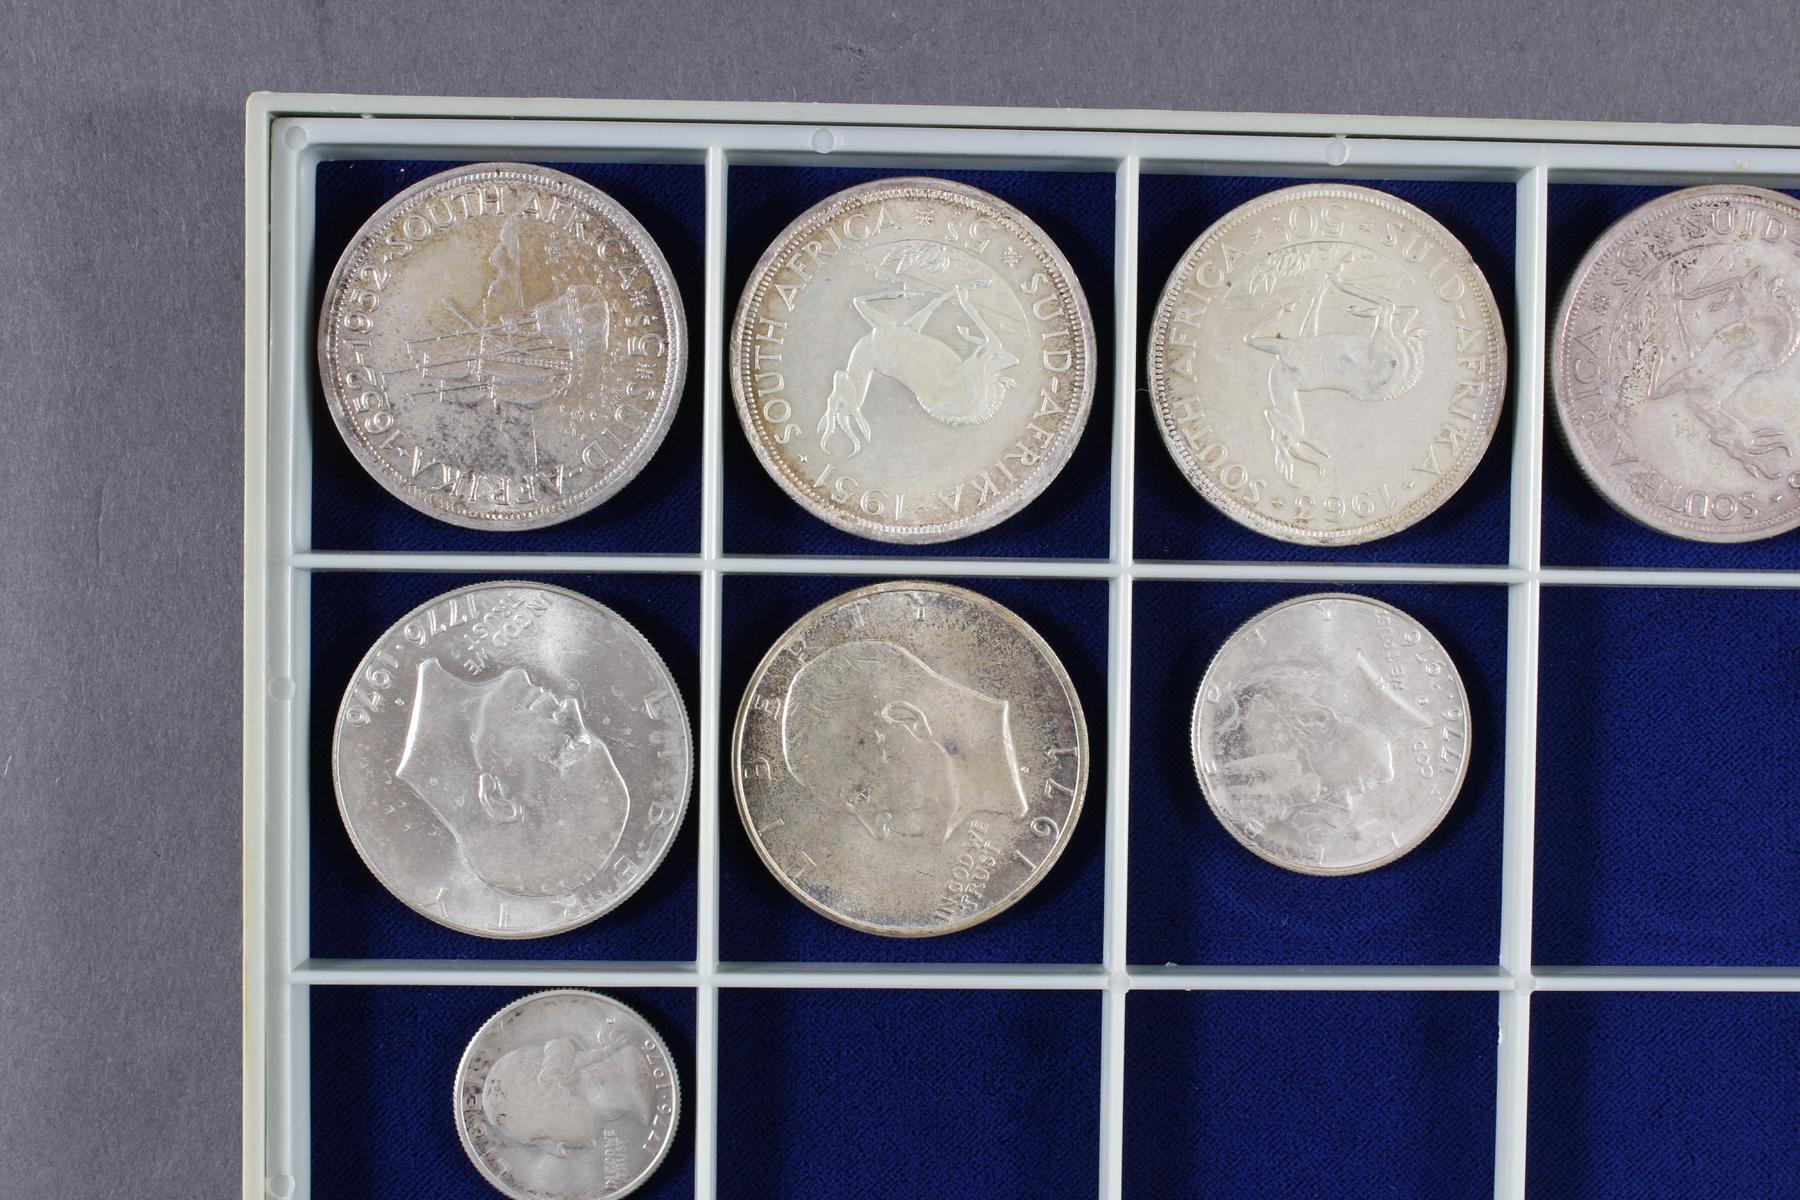 Konvolut Münzen, Südafrika, Kanada und USA, darunter viel Silber-2